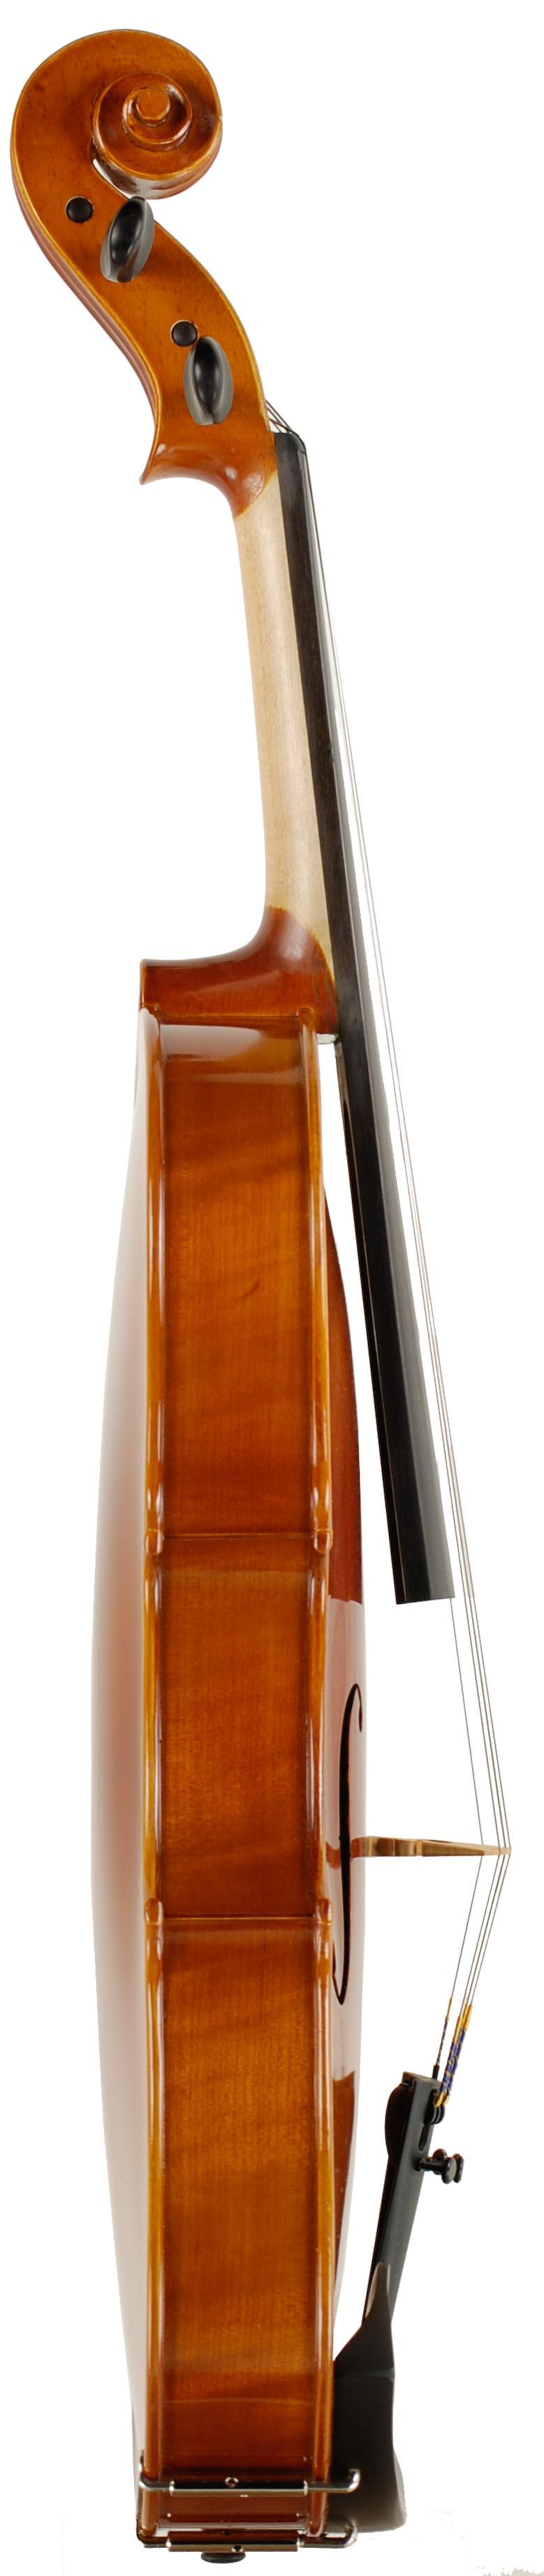 Standard Viola Rental Rib